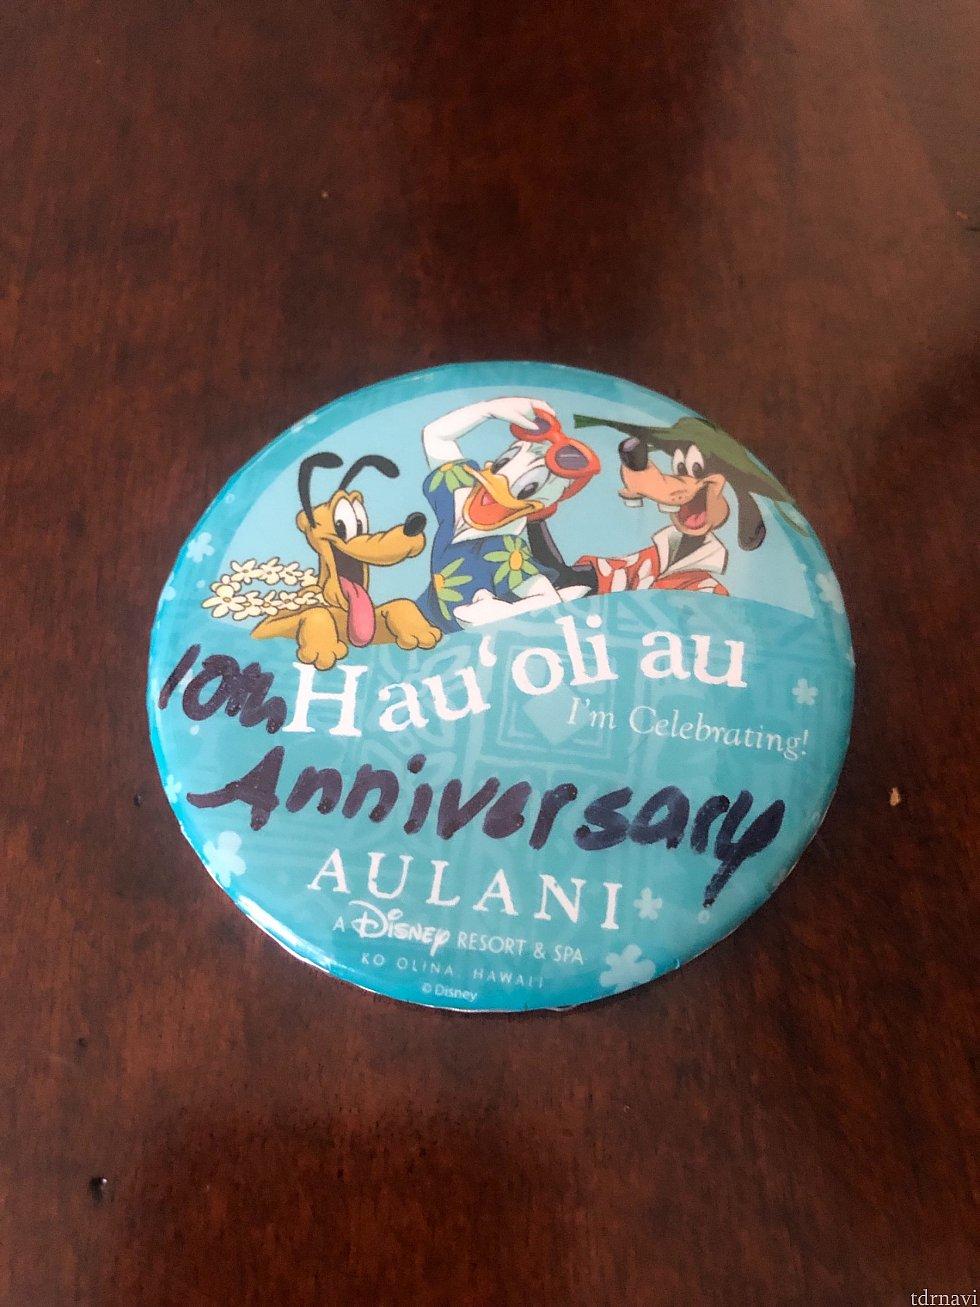 ナビが10周年なので、 10周年のお祝い缶バッチ貰って来ました笑笑